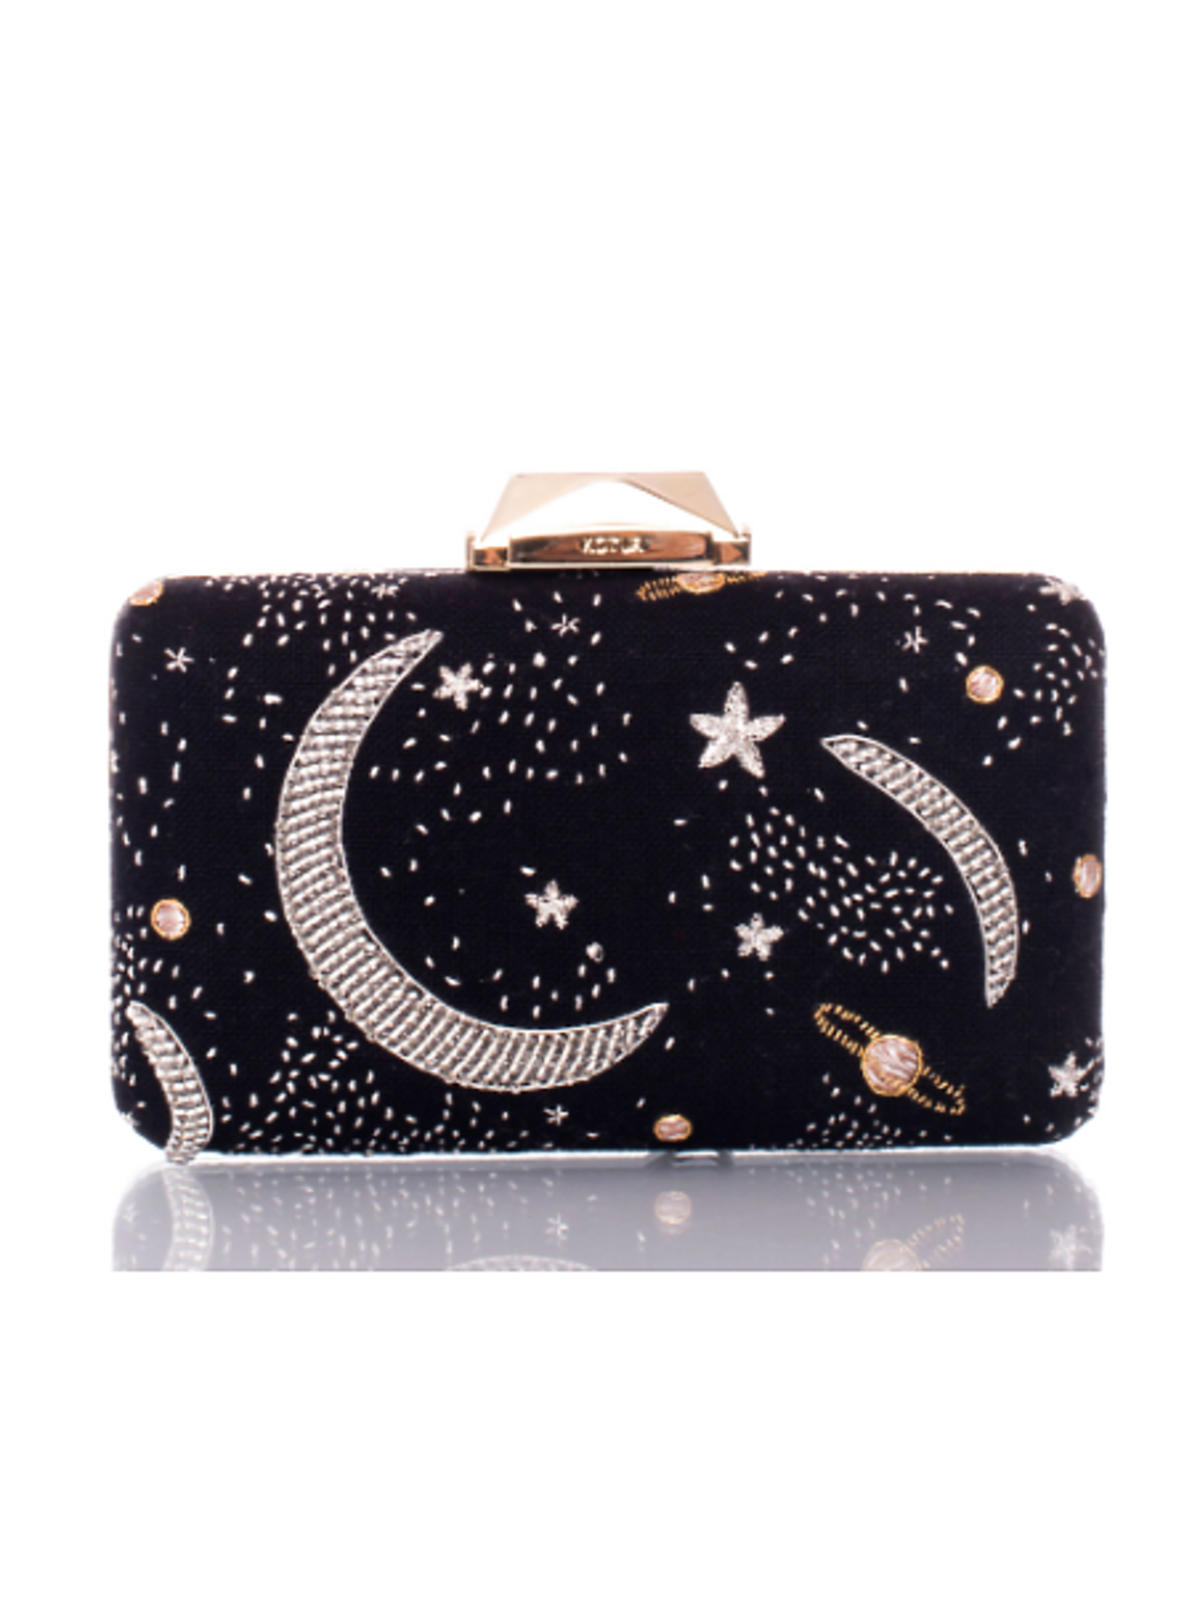 Granatowa torebka z księżycami i gwiazdami